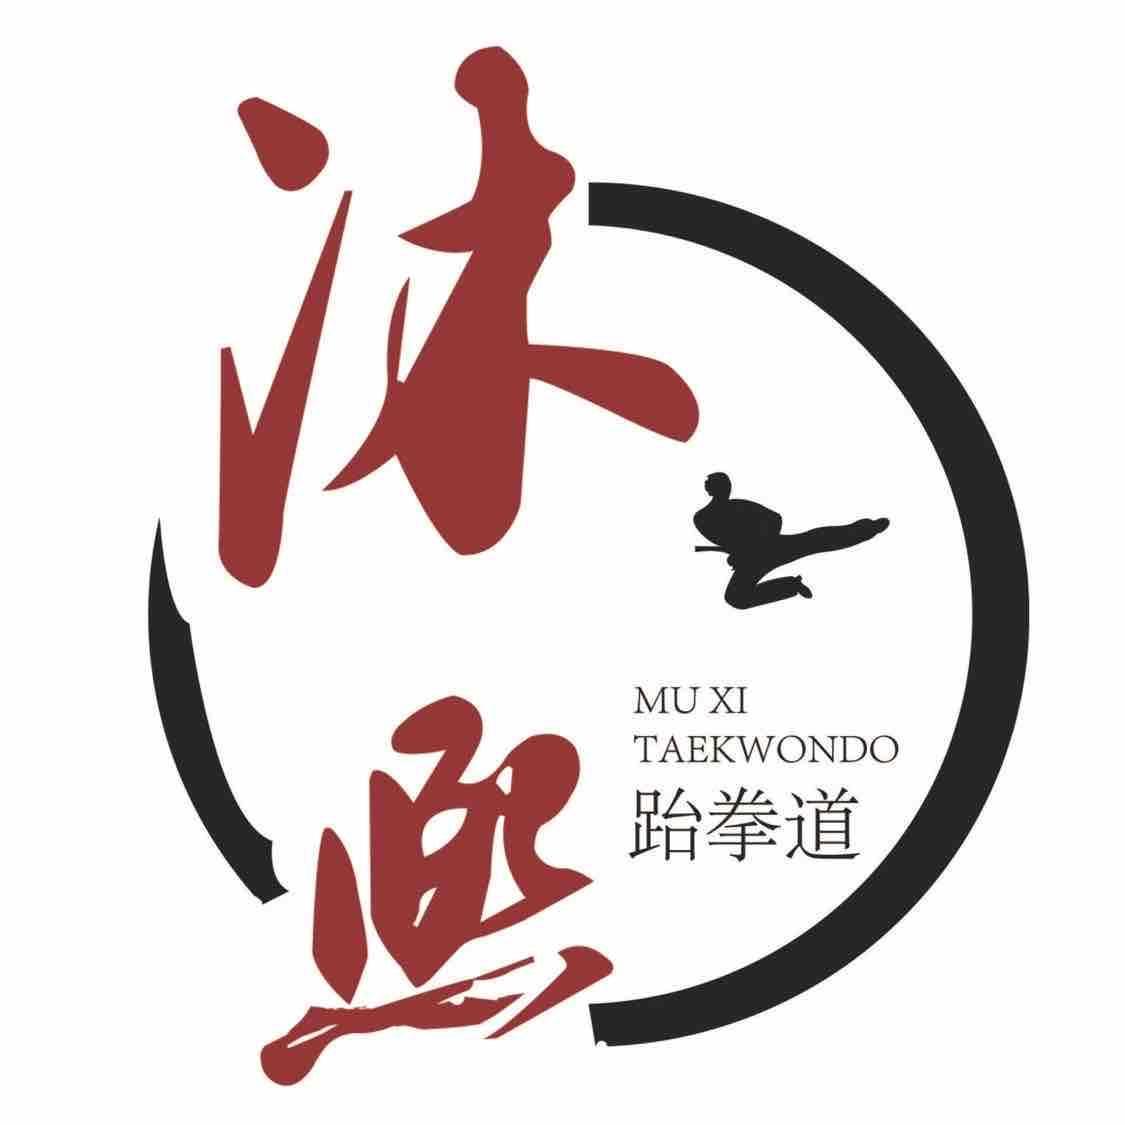 沐熙跆拳道